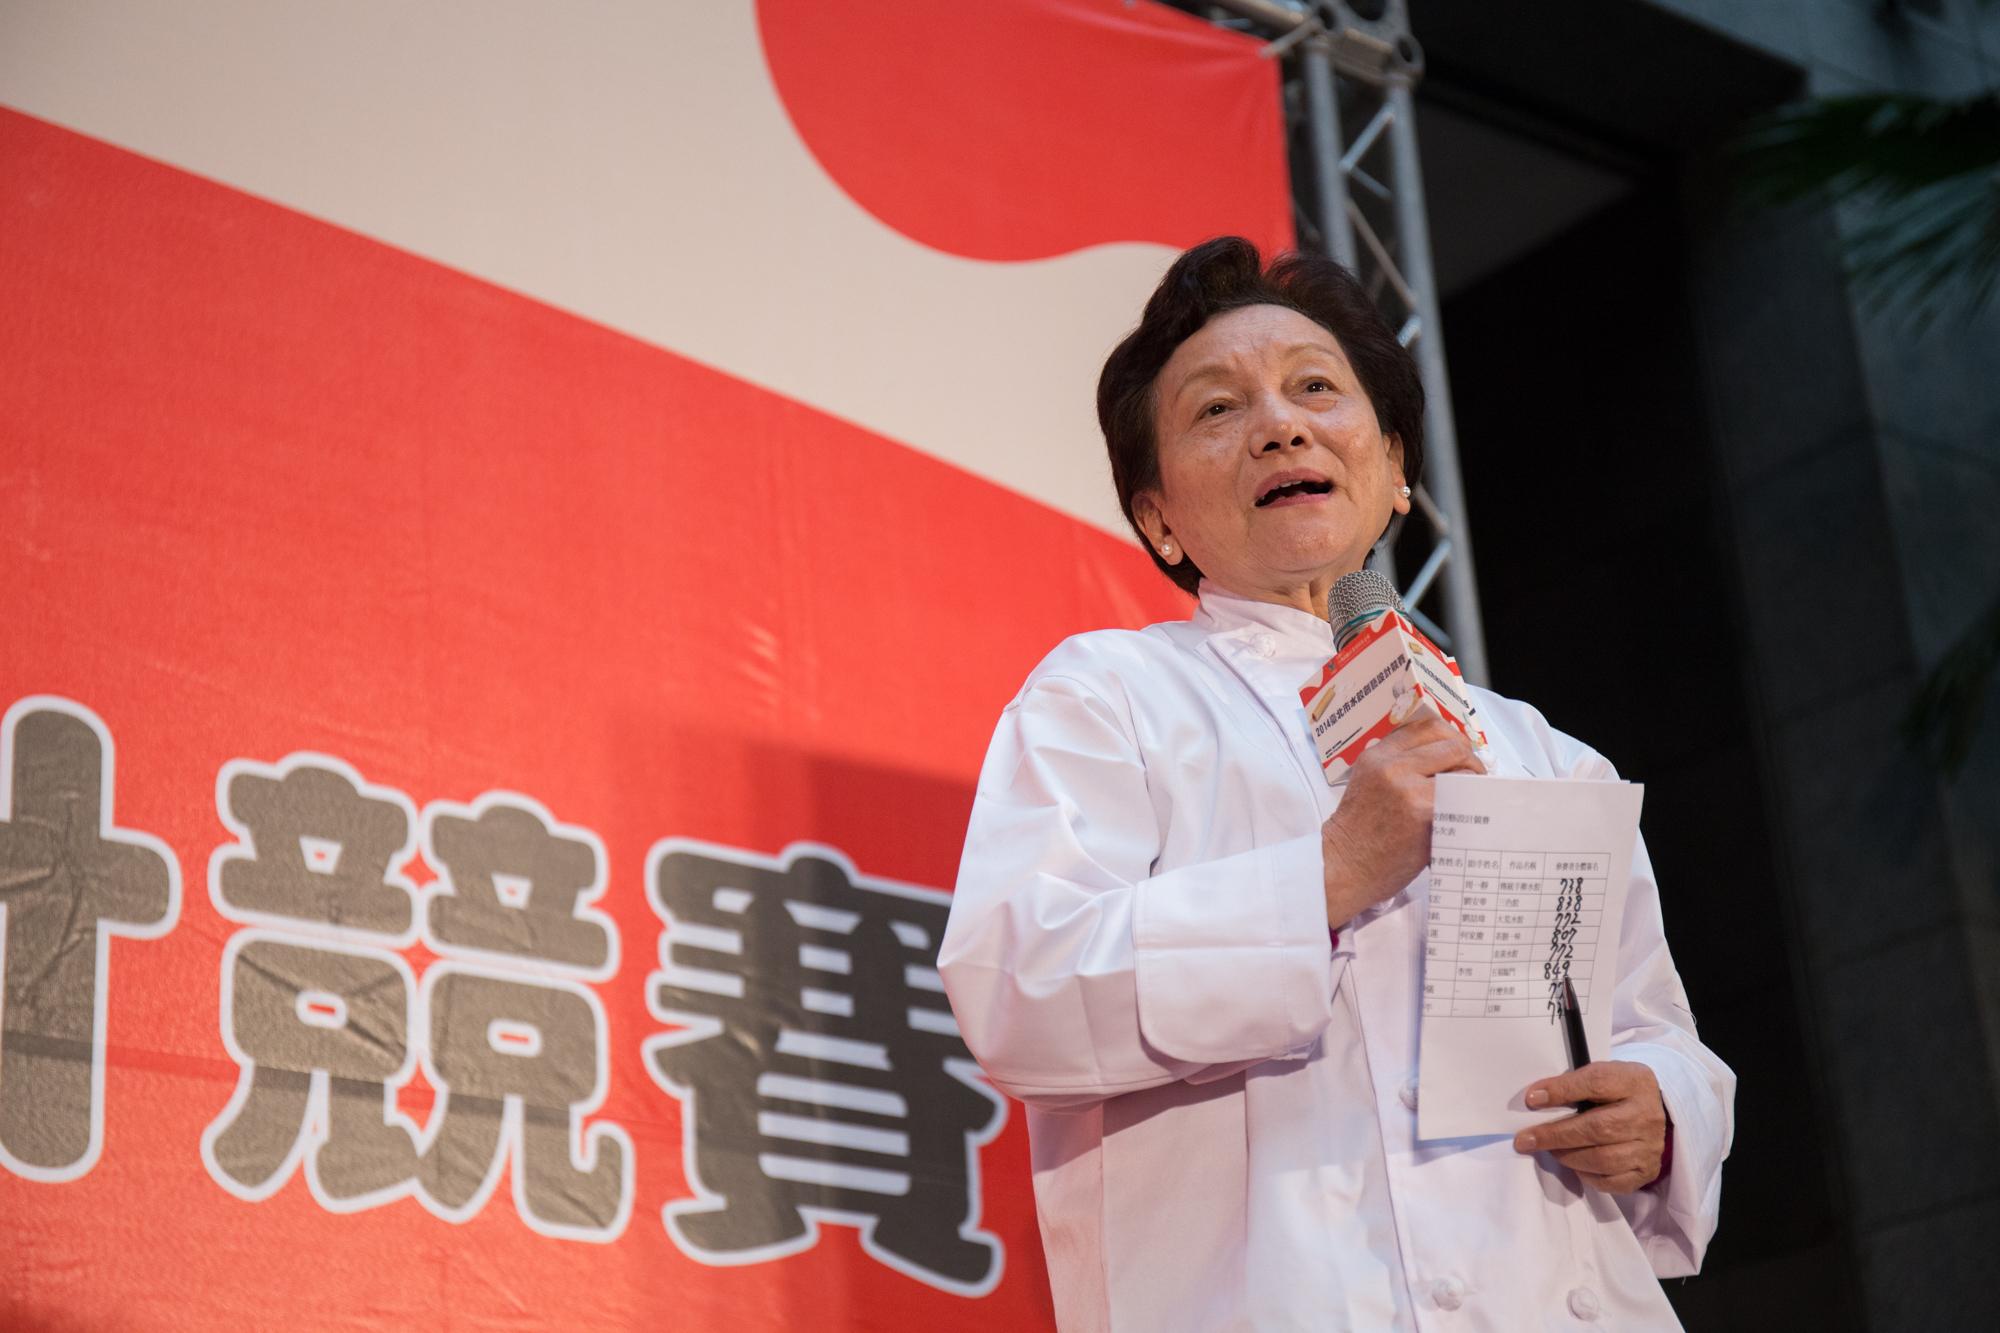 臺北市水餃創意設計競賽,台中婚錄推薦42